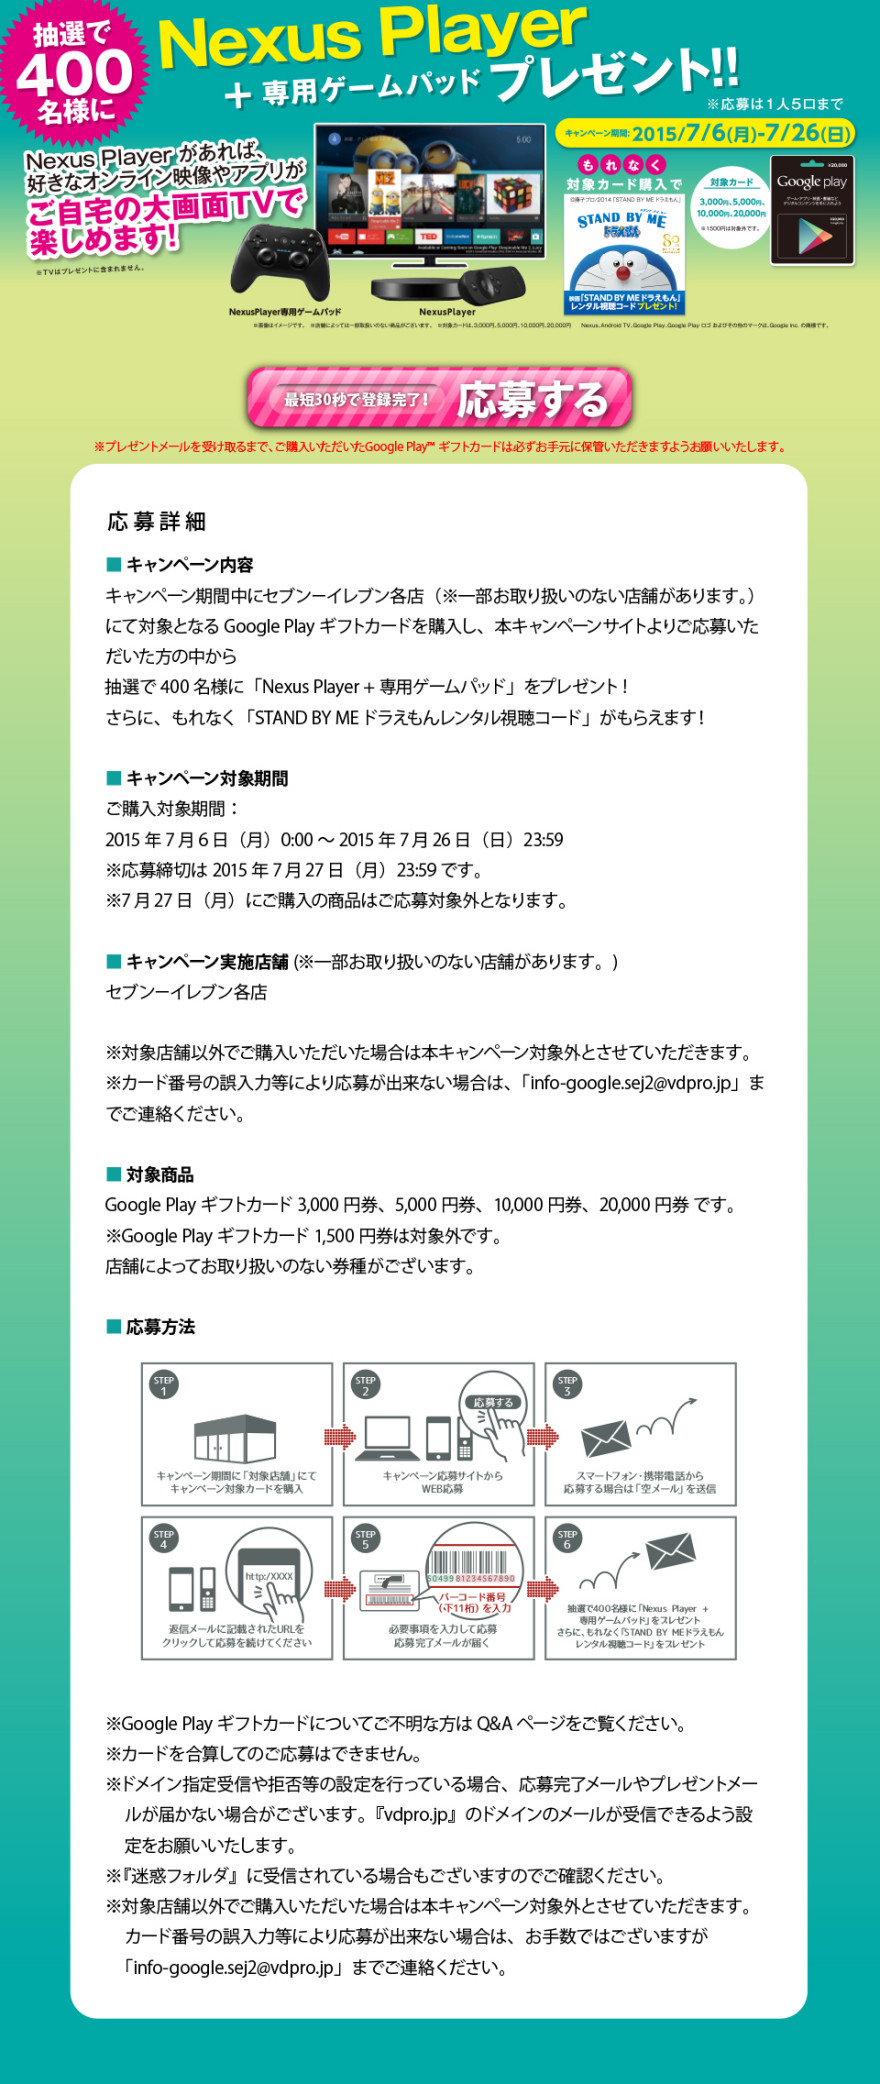 セブン−イレブンGoogle Play ギフトカード×「Nexus Player + 専用ゲームパッド」&「STAND BY MEドラえもんレンタル視聴コード」プレゼントキャンペーン スタートのお知らせ